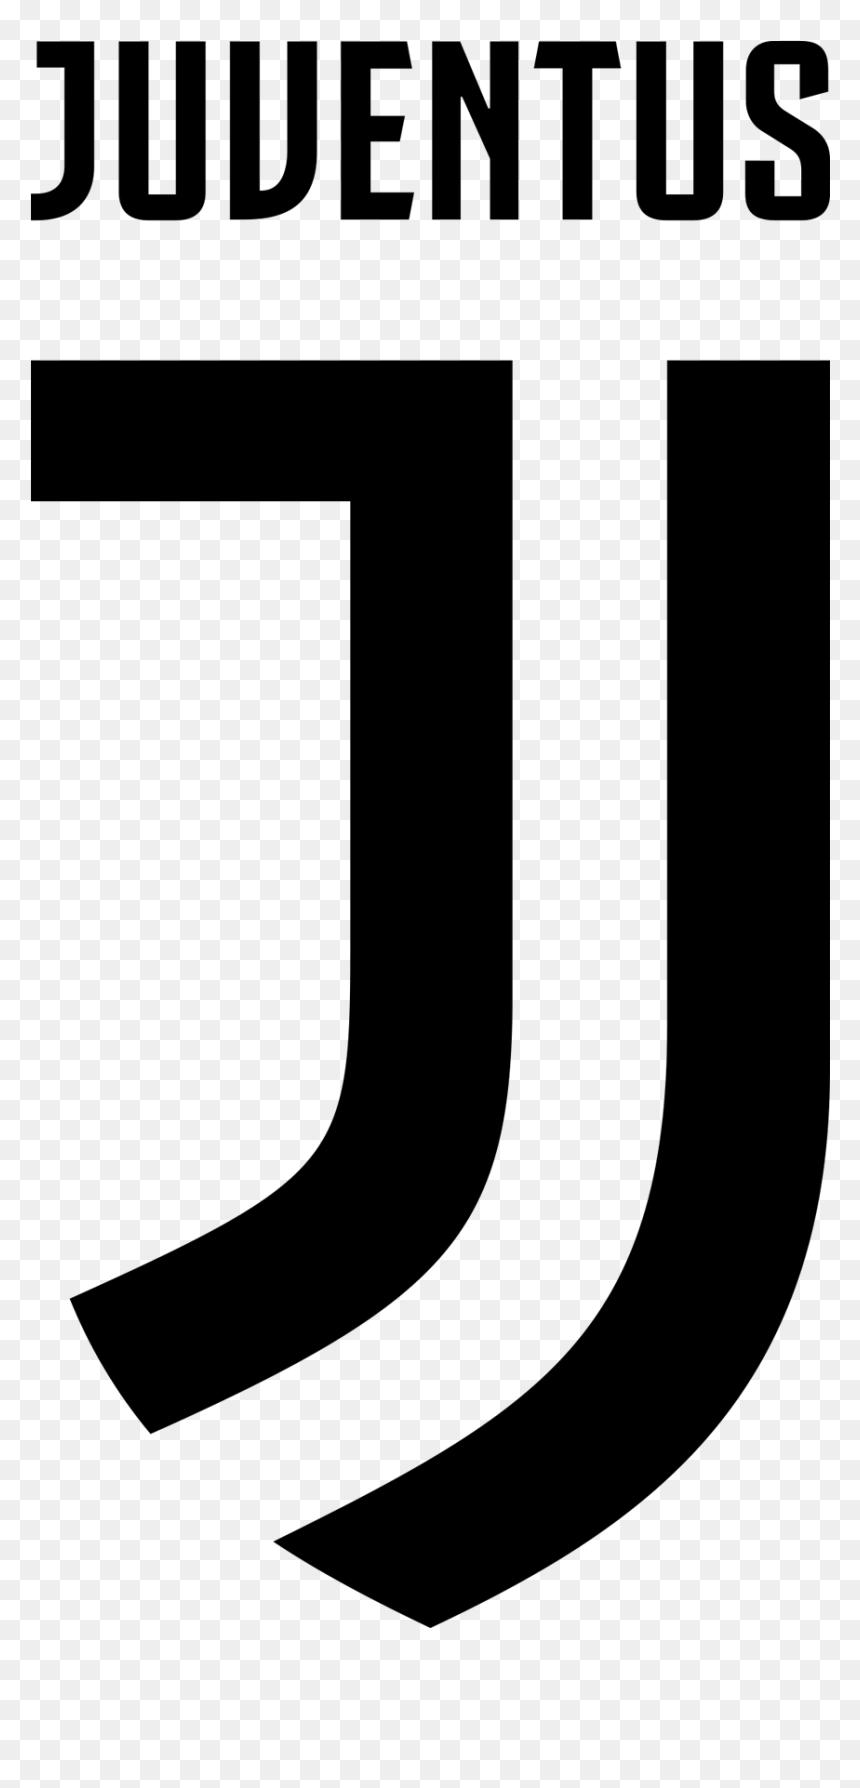 Download Juventus Logo Png Image For Free Juventus Logo Transparent Png Vhv